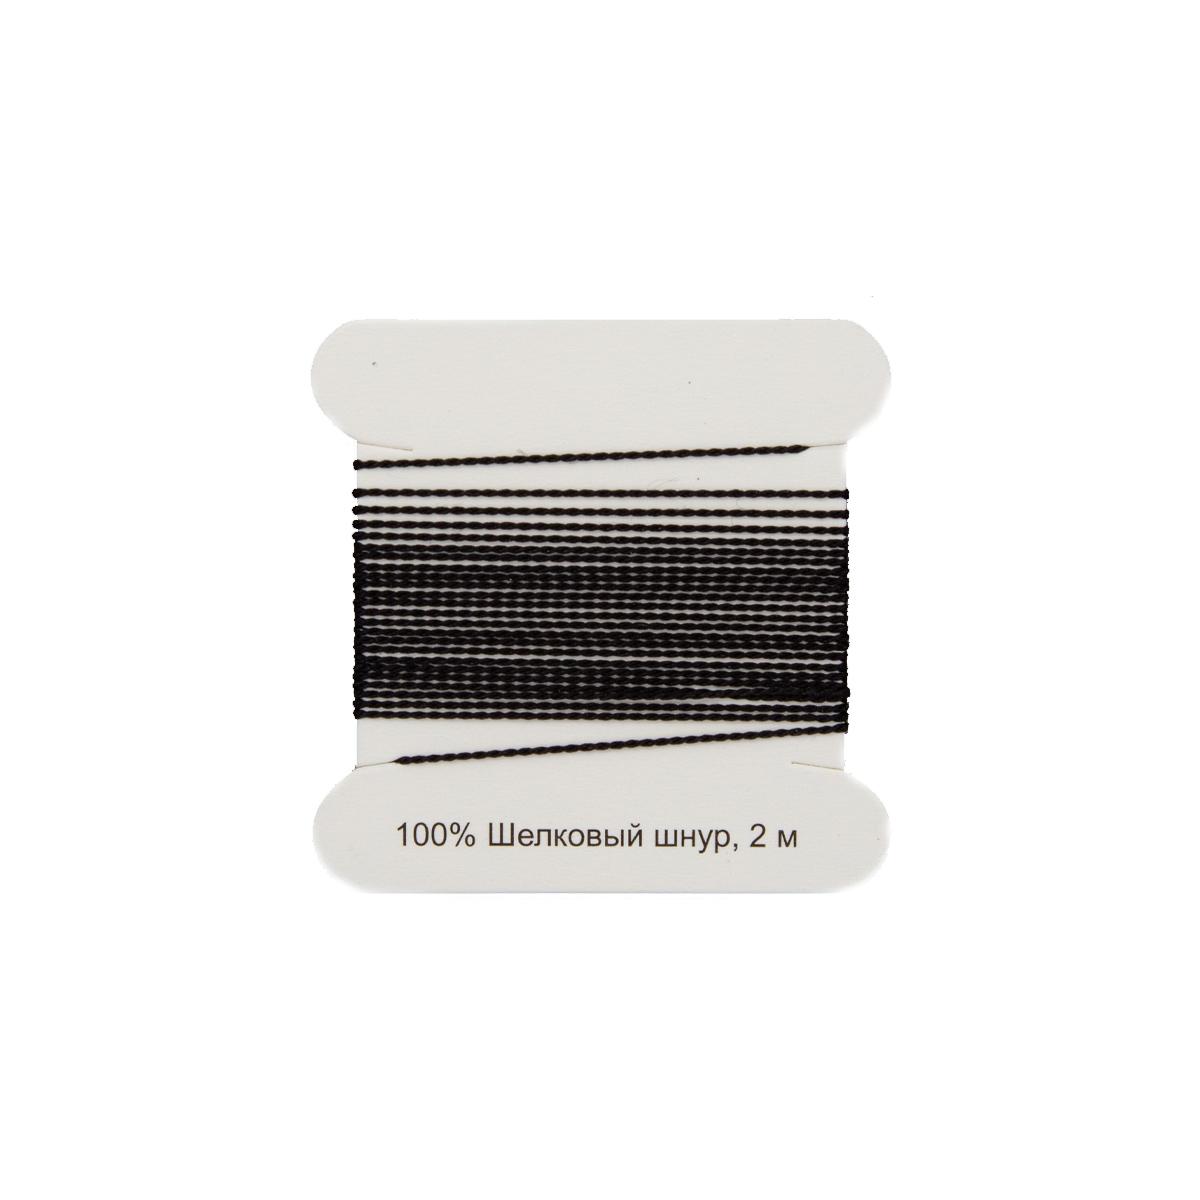 XQ180 Шелковый шнур 0,6мм, 2м, с иглой, Астра (черный)